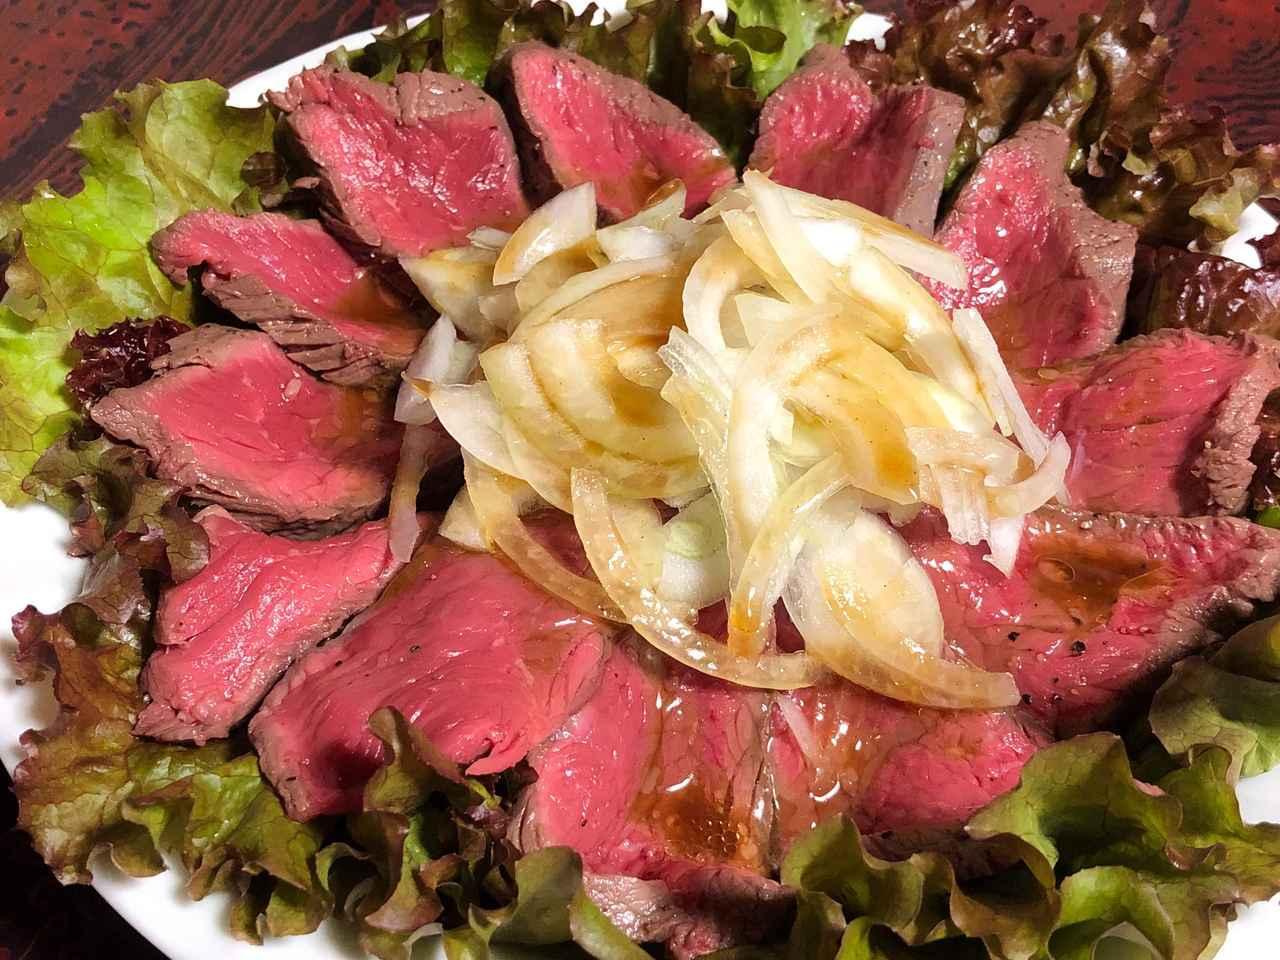 画像: 【レシピ公開】ローストビーフは炊飯器やフライパンで作れる! 簡単で美味しい作り方 - ハピキャン(HAPPY CAMPER)